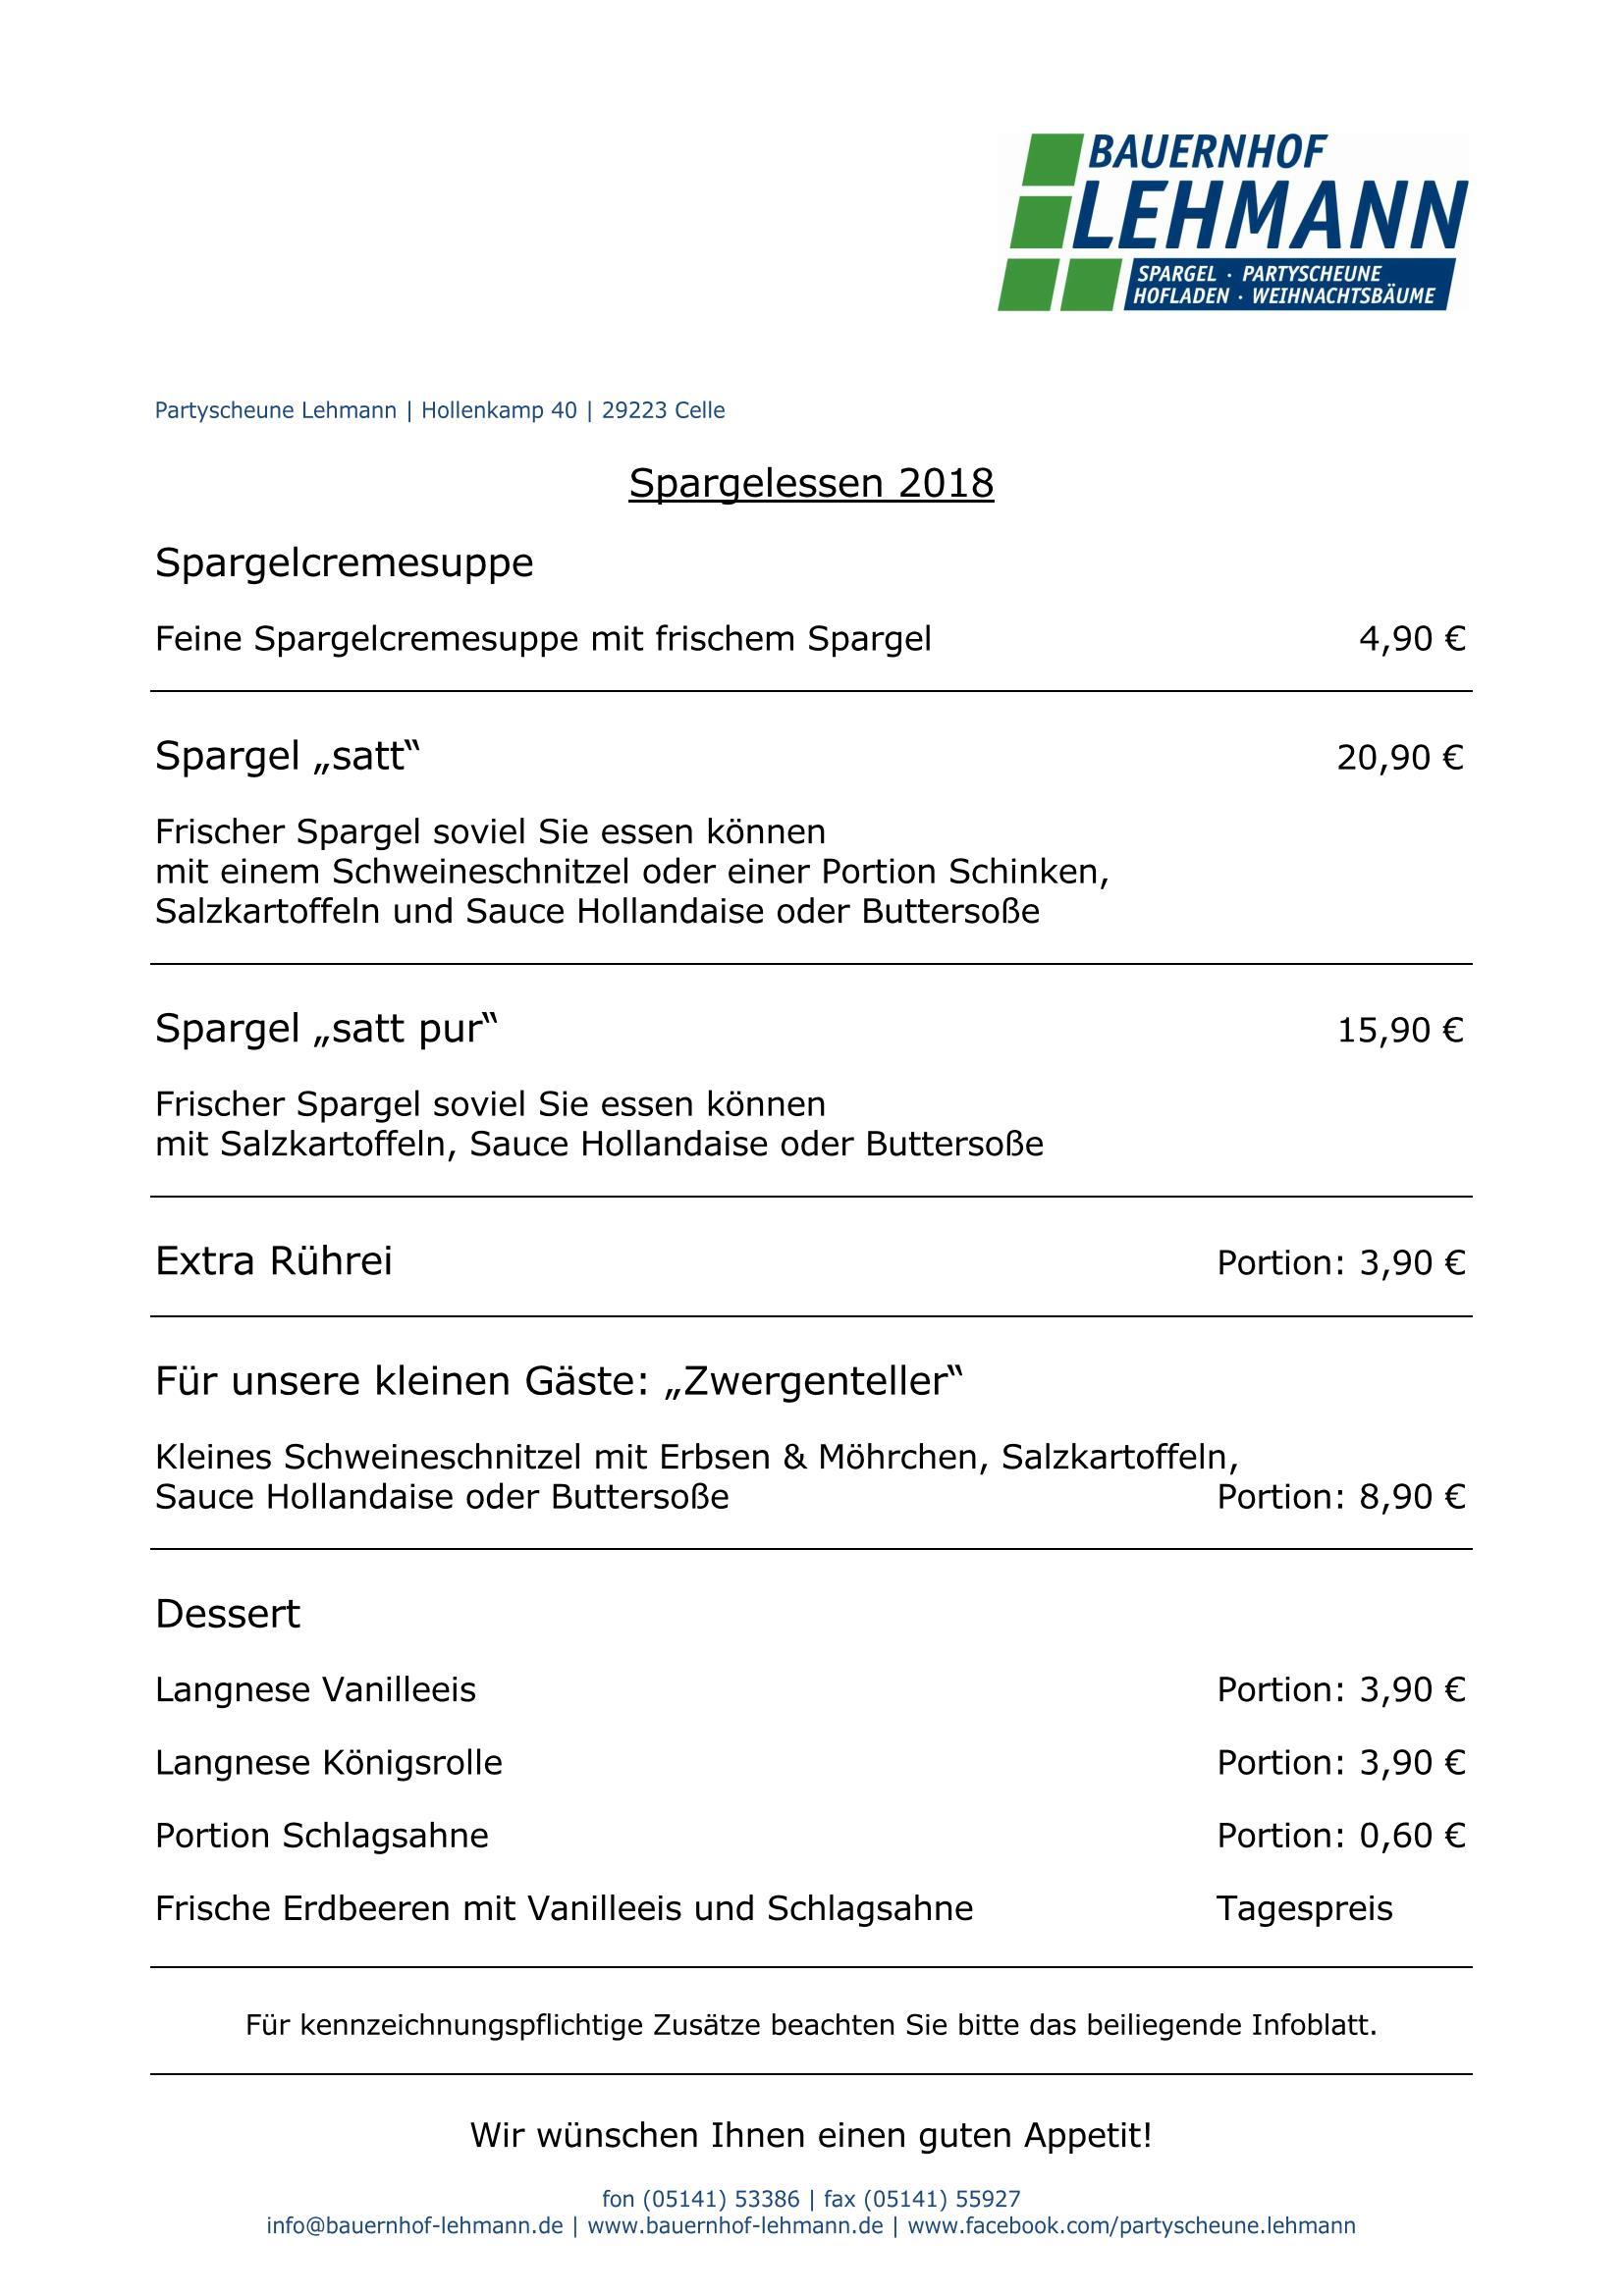 Partyscheune – Bauernhof Lehmann